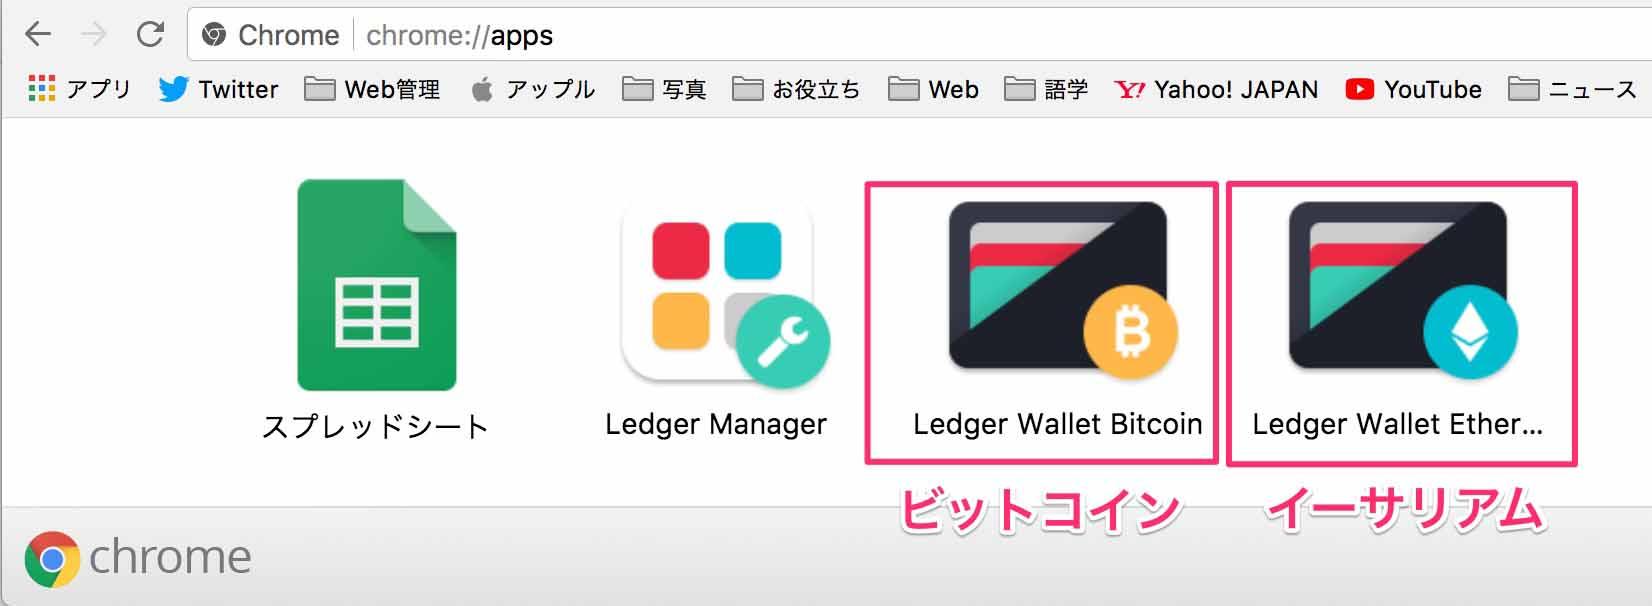 Ledger仮想通貨管理アプリ